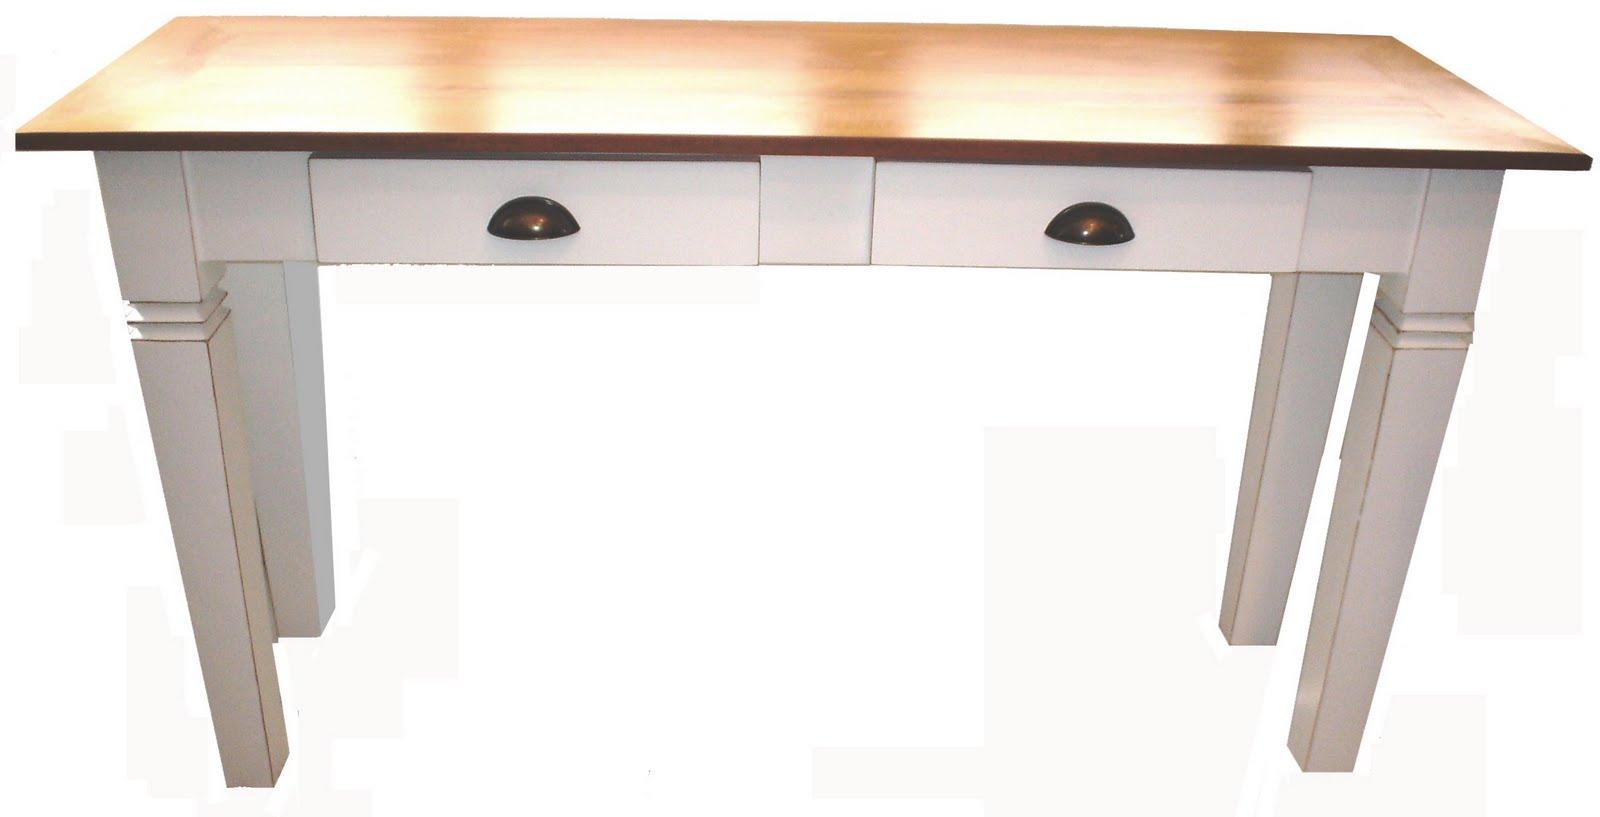 Aparador em MDF branco provençal com tampo em madeira de demolição #976034 1600x817